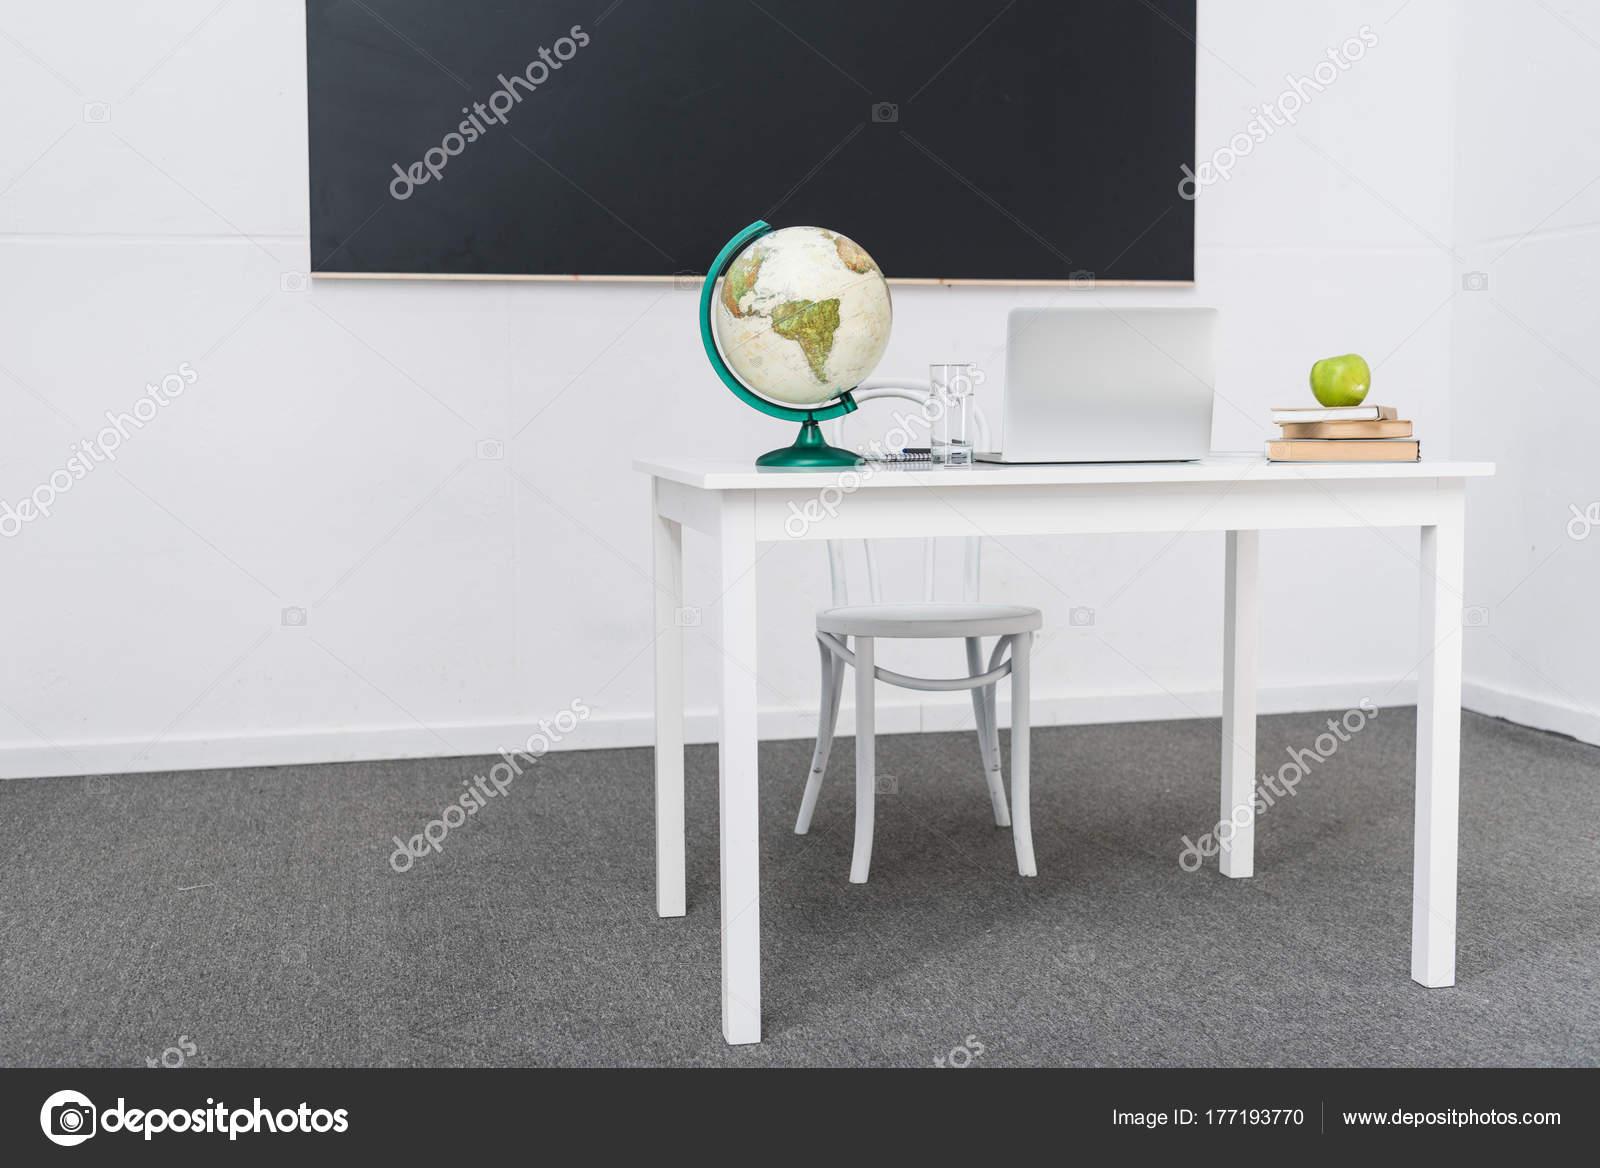 Bureau van leerkrachten klas voor bord u stockfoto vitalikradko